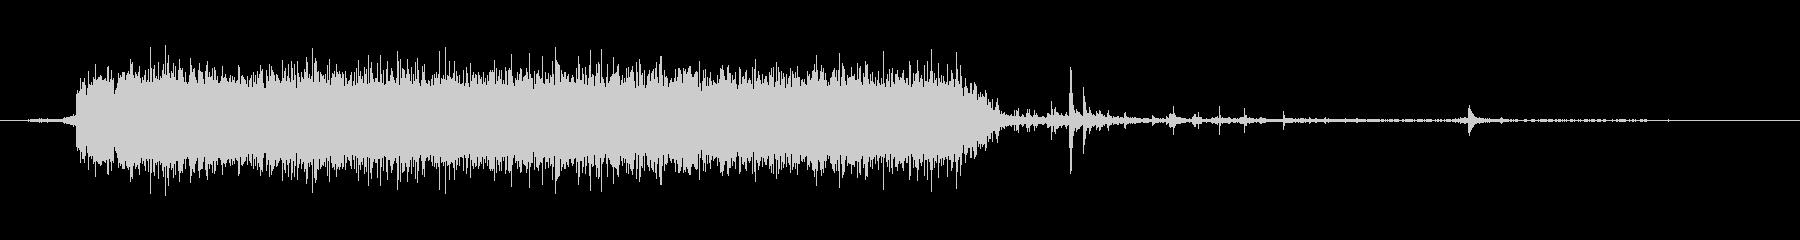 水 タップフローウルトラハードショ...の未再生の波形